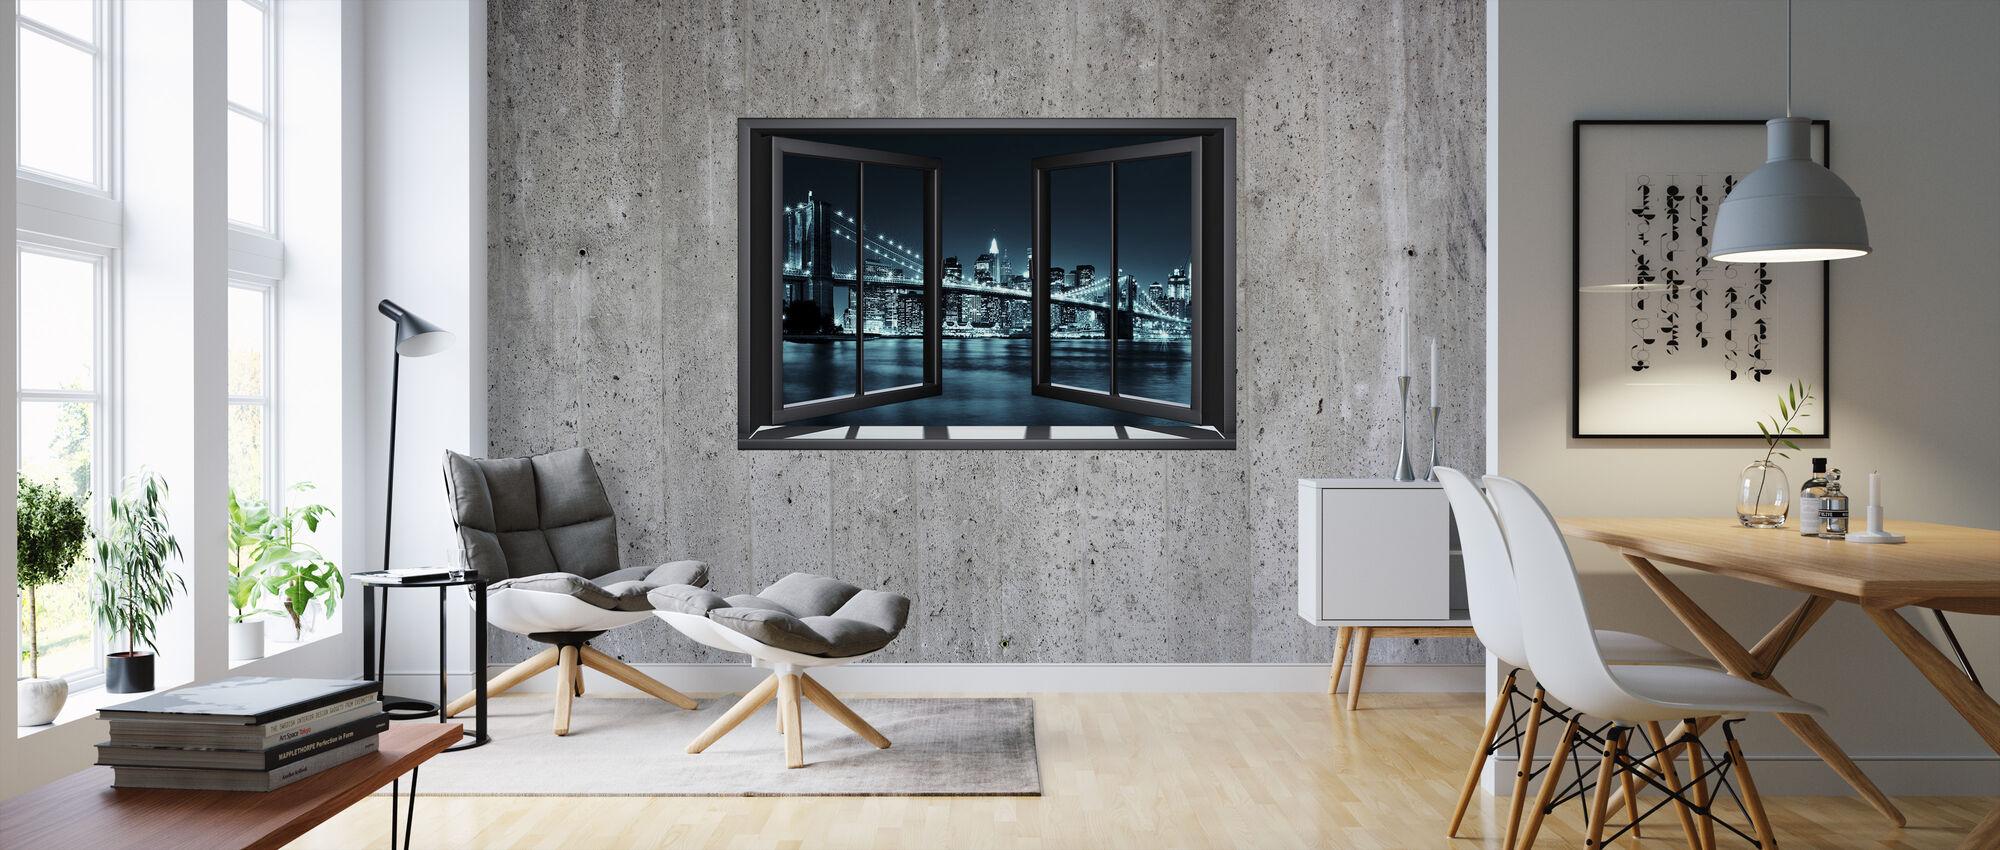 Fenster auf Betonwand Brooklyn - Tapete - Wohnzimmer